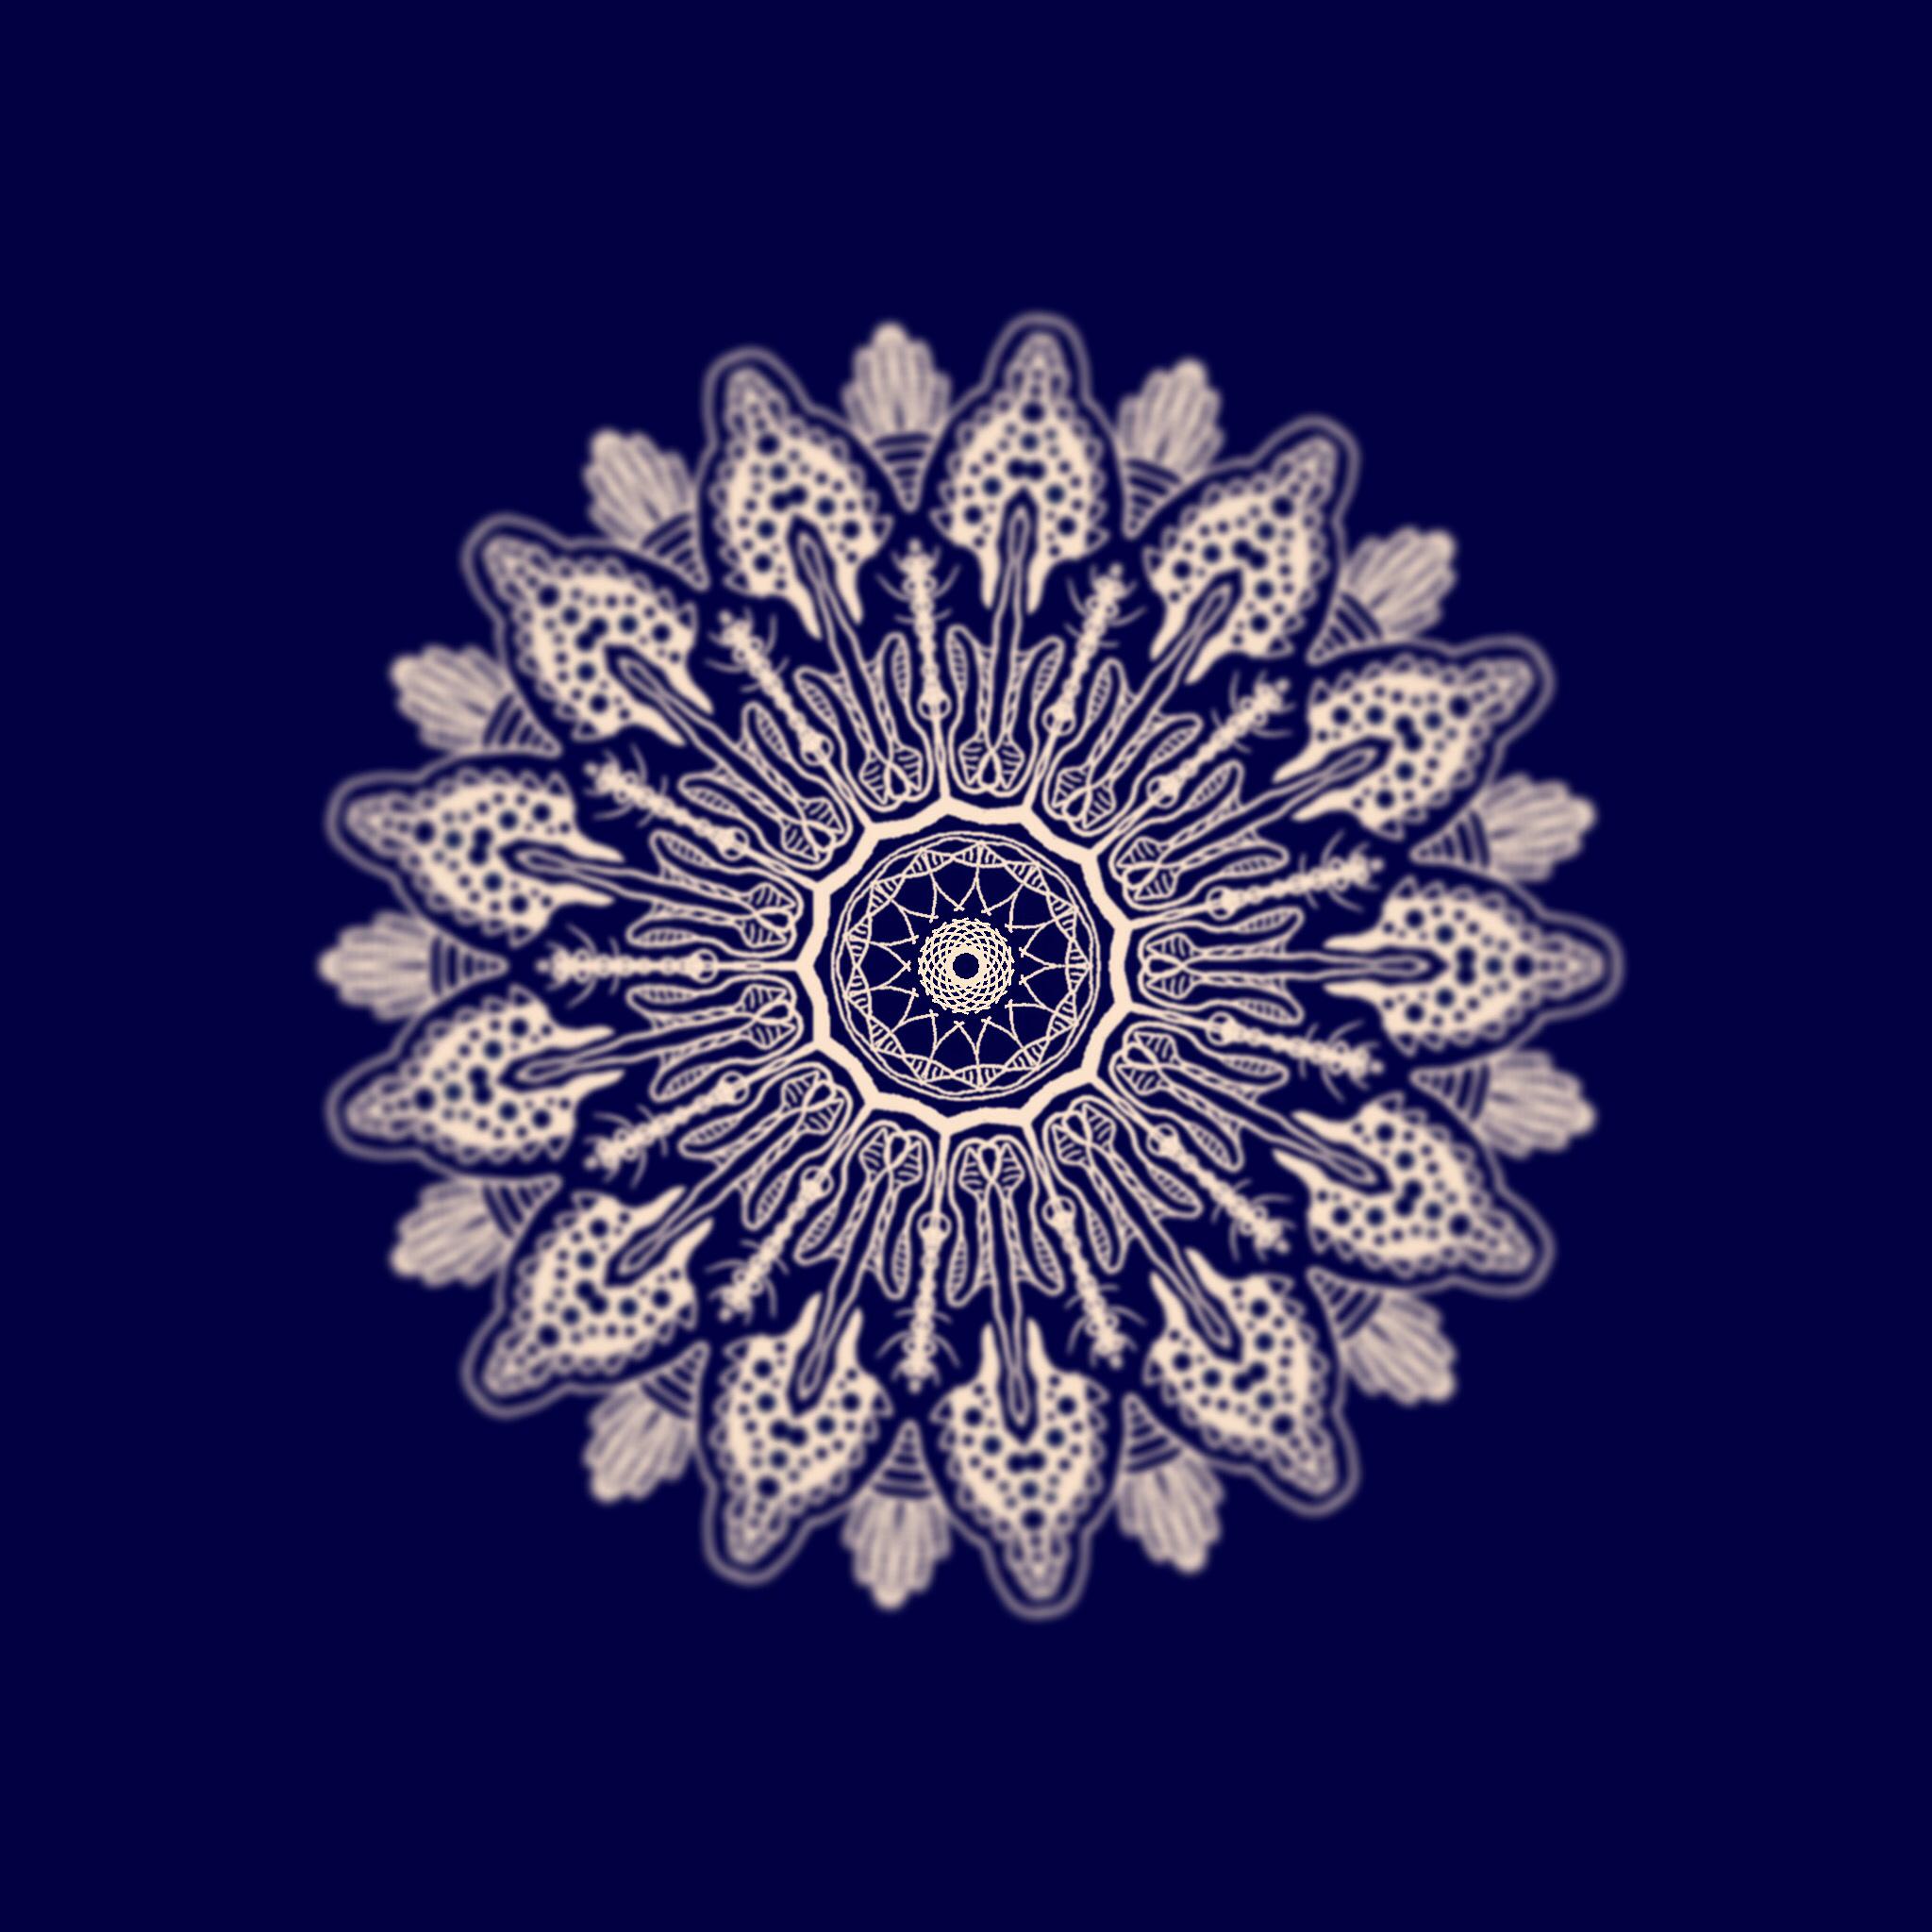 对称之美|平面|图案|taum - 原创作品 - 站酷 (zcool)图片